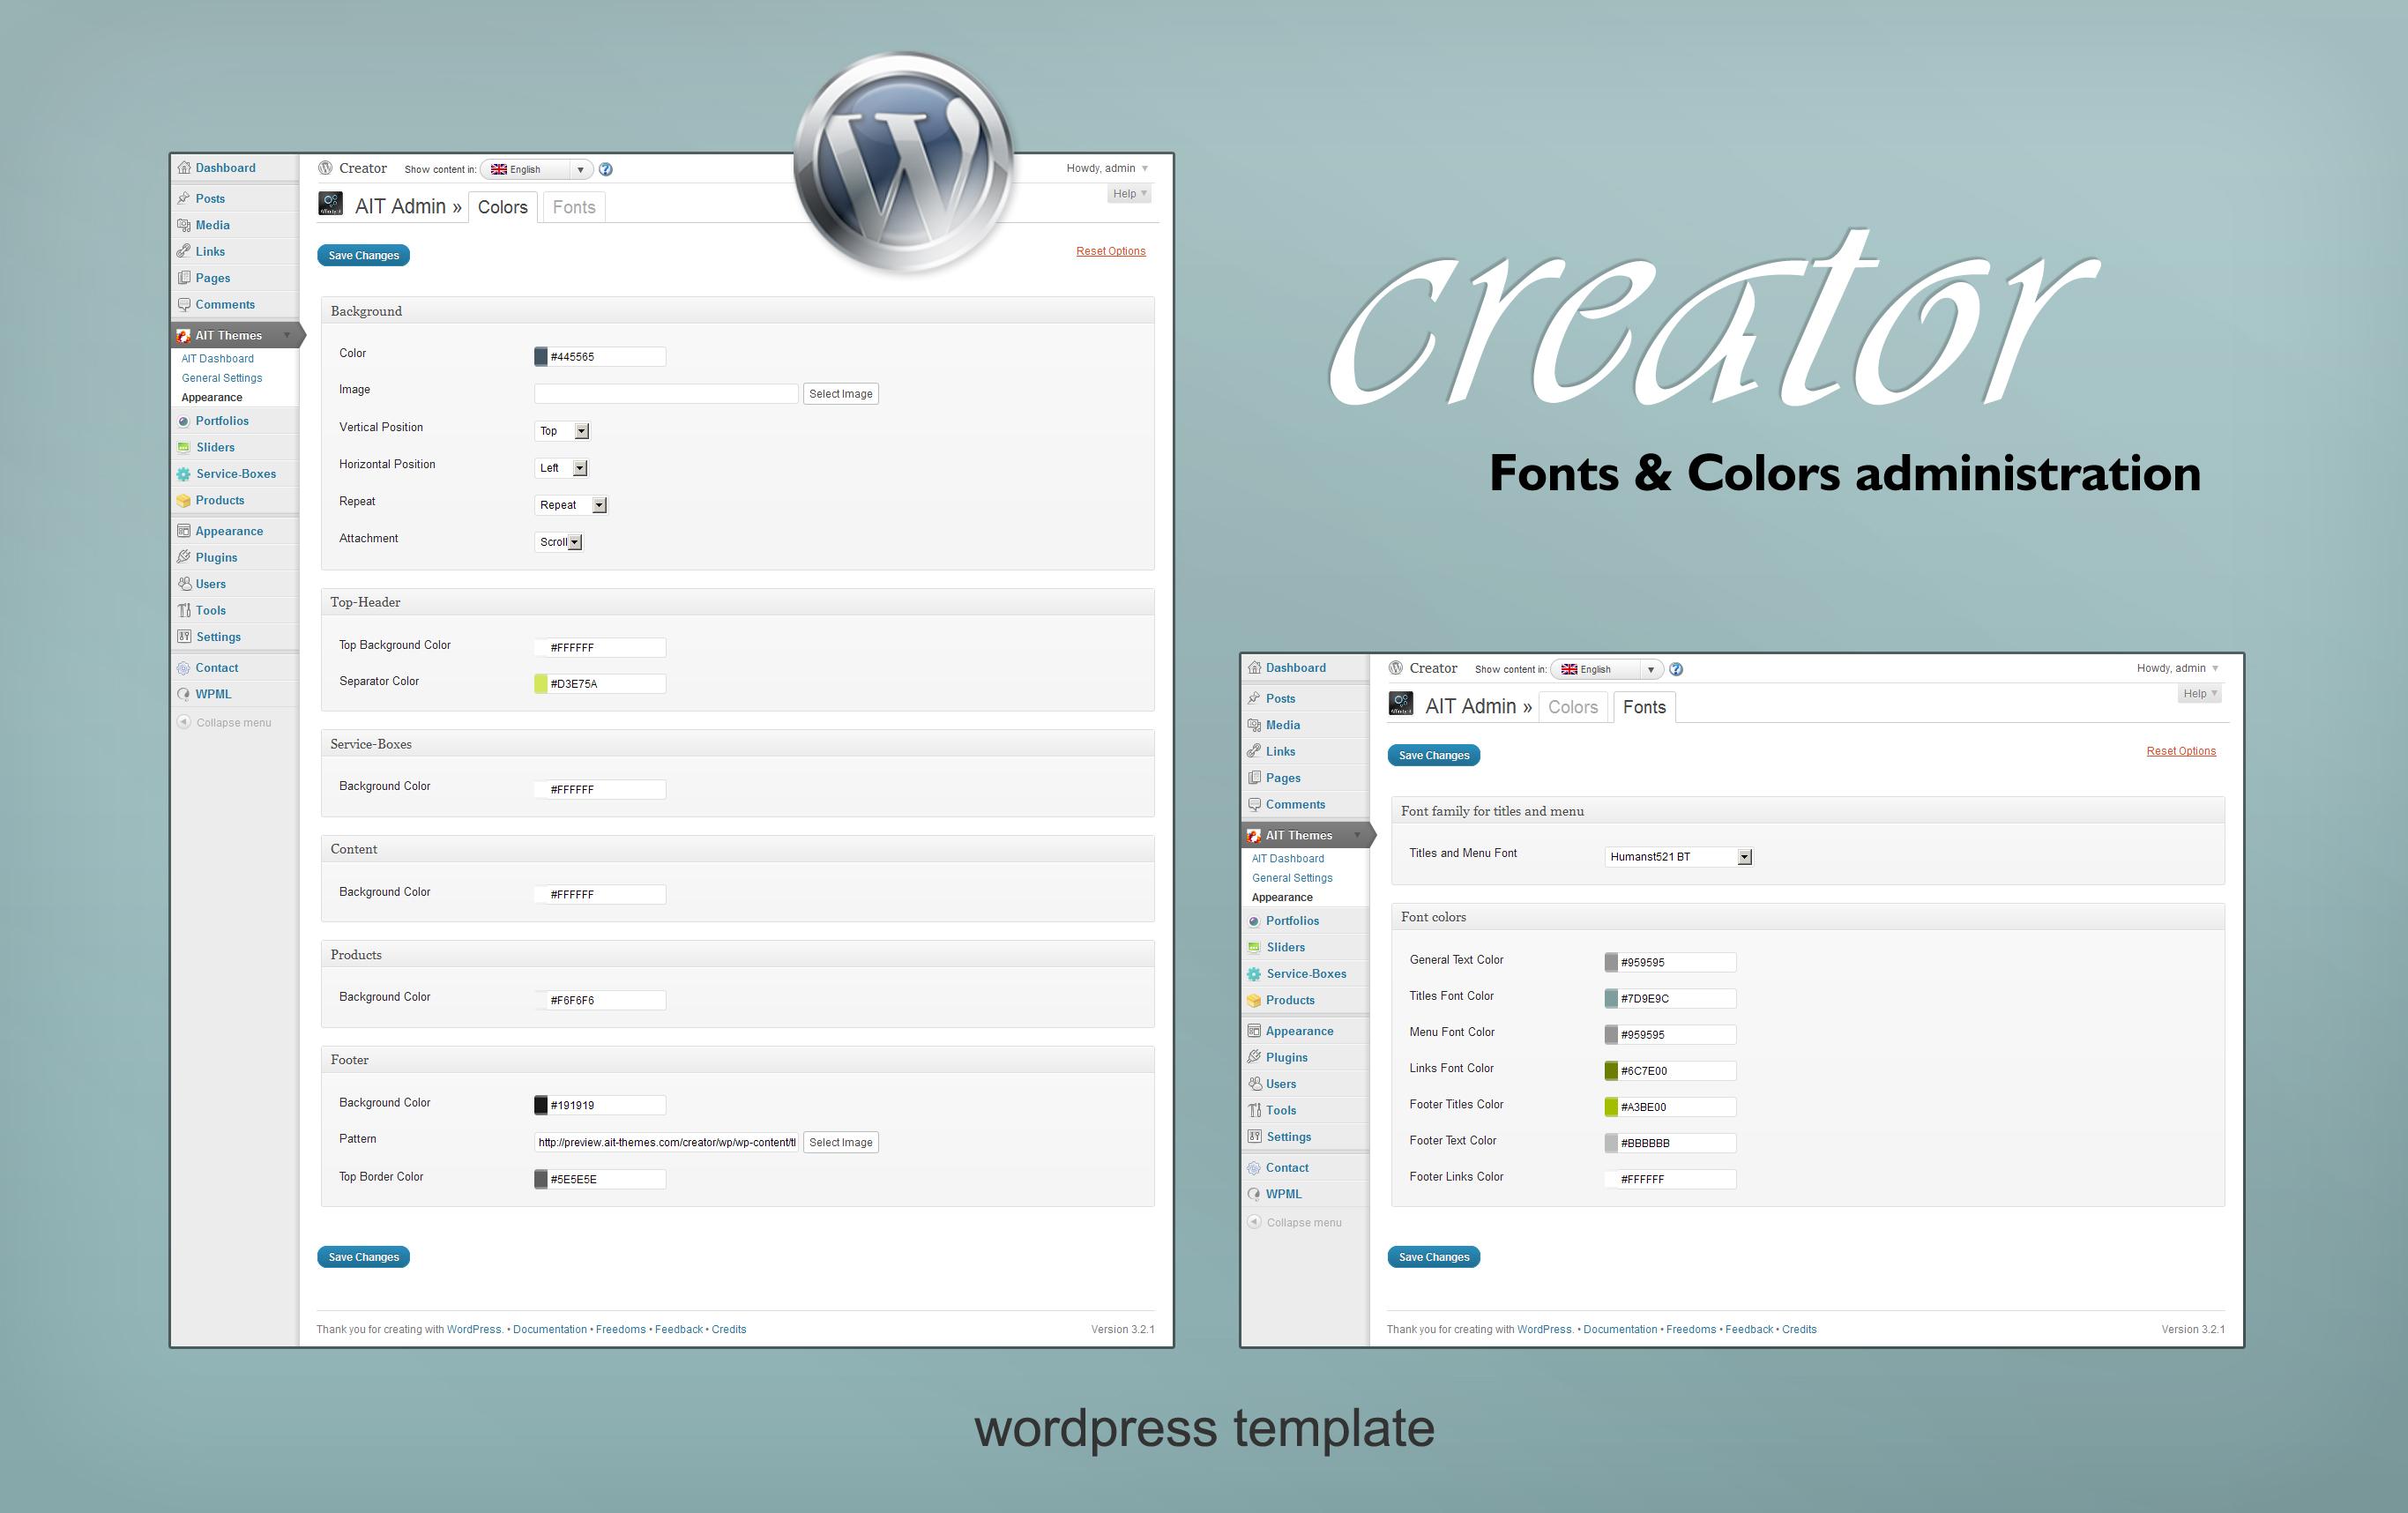 25 Best Color images | Color, Color design, Color psychology | 1716x2731